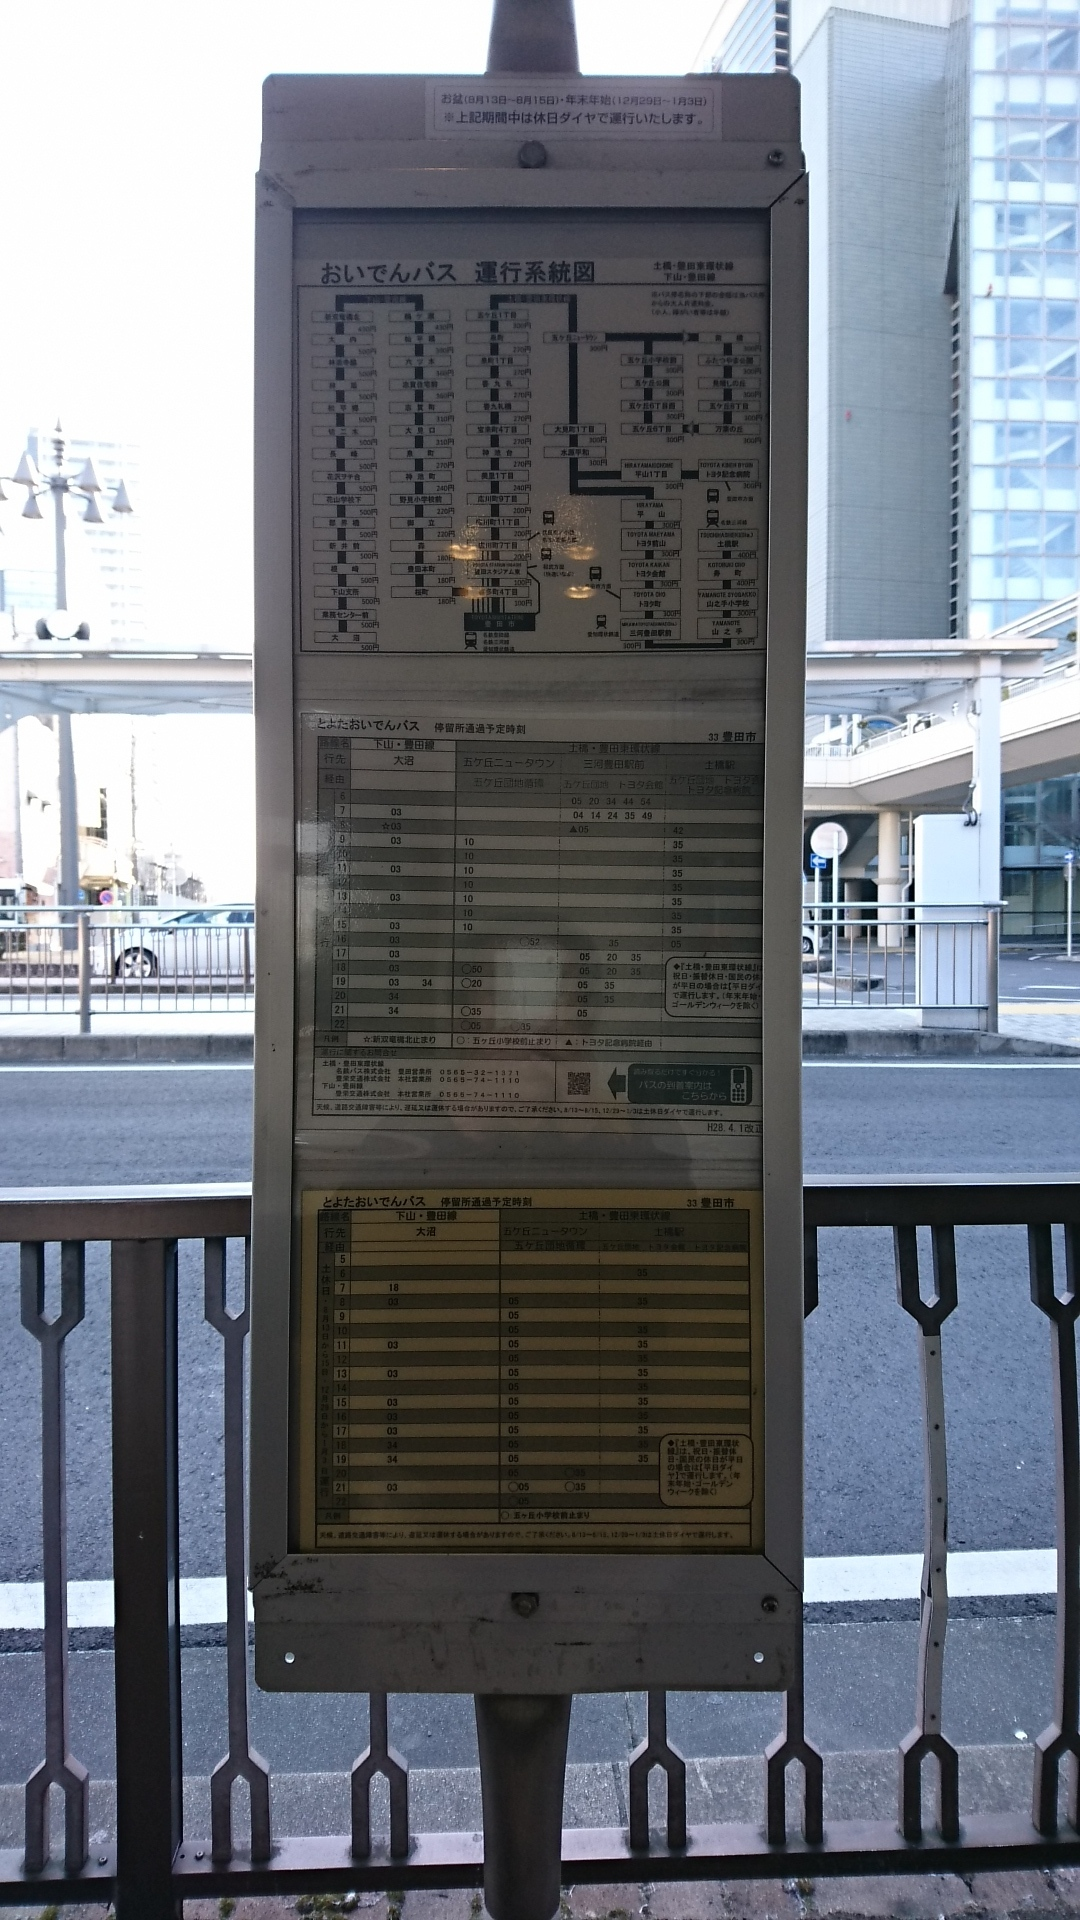 2018.2.27 (25) 豊田市 - おいでんバス時刻表 1080-1920